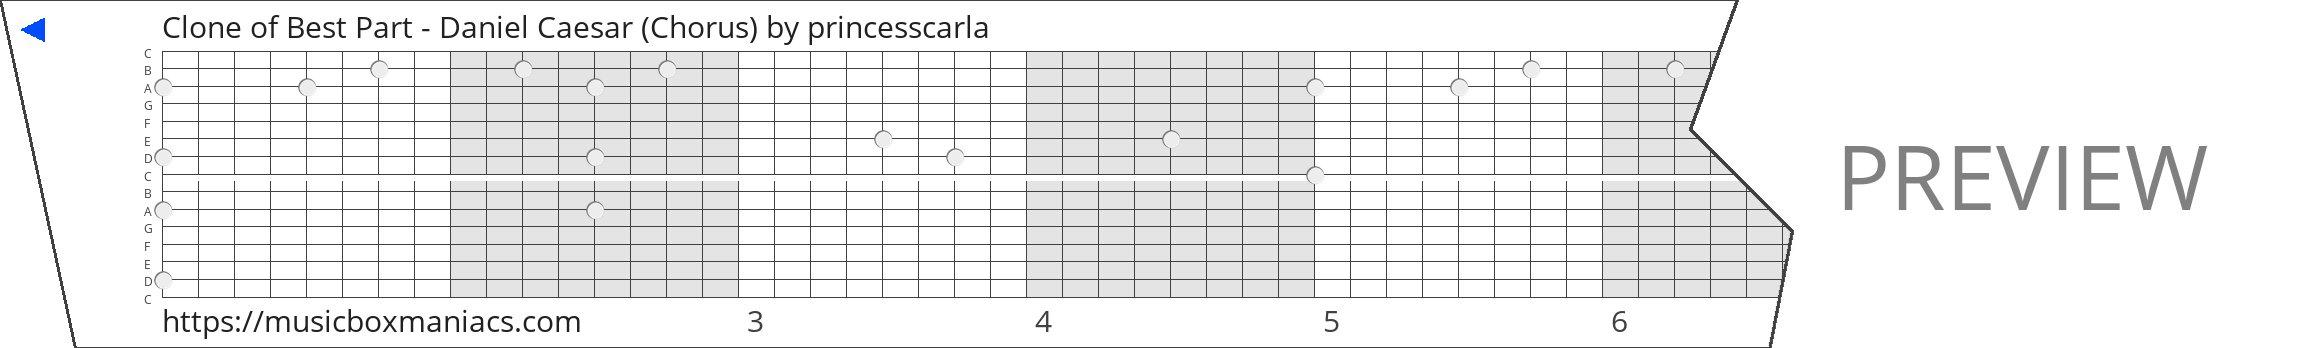 Clone of Best Part - Daniel Caesar (Chorus) 15 note music box paper strip